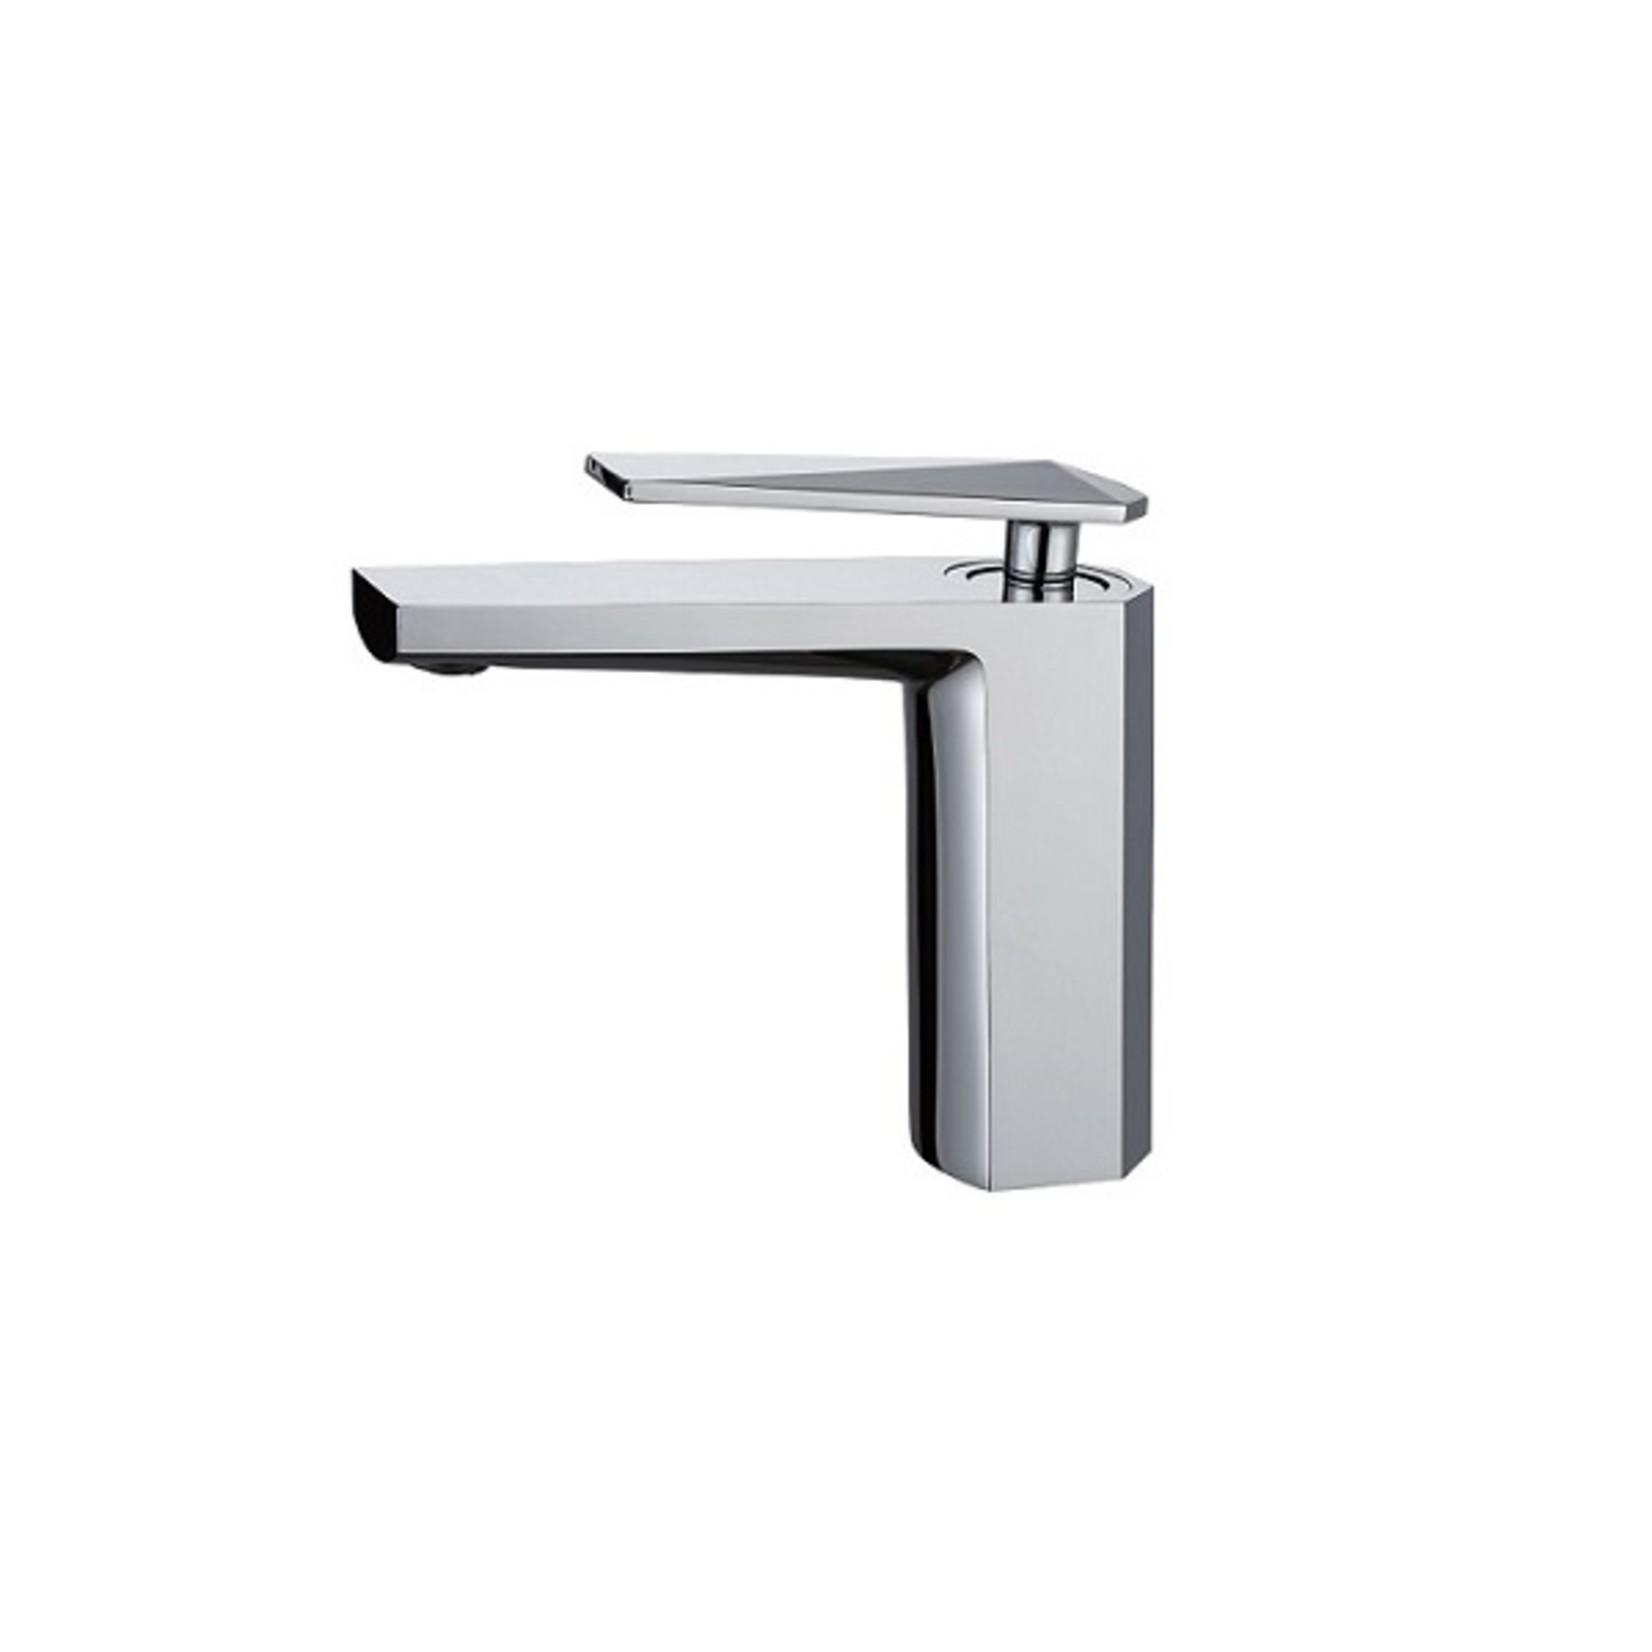 Chrome sink faucet 6808